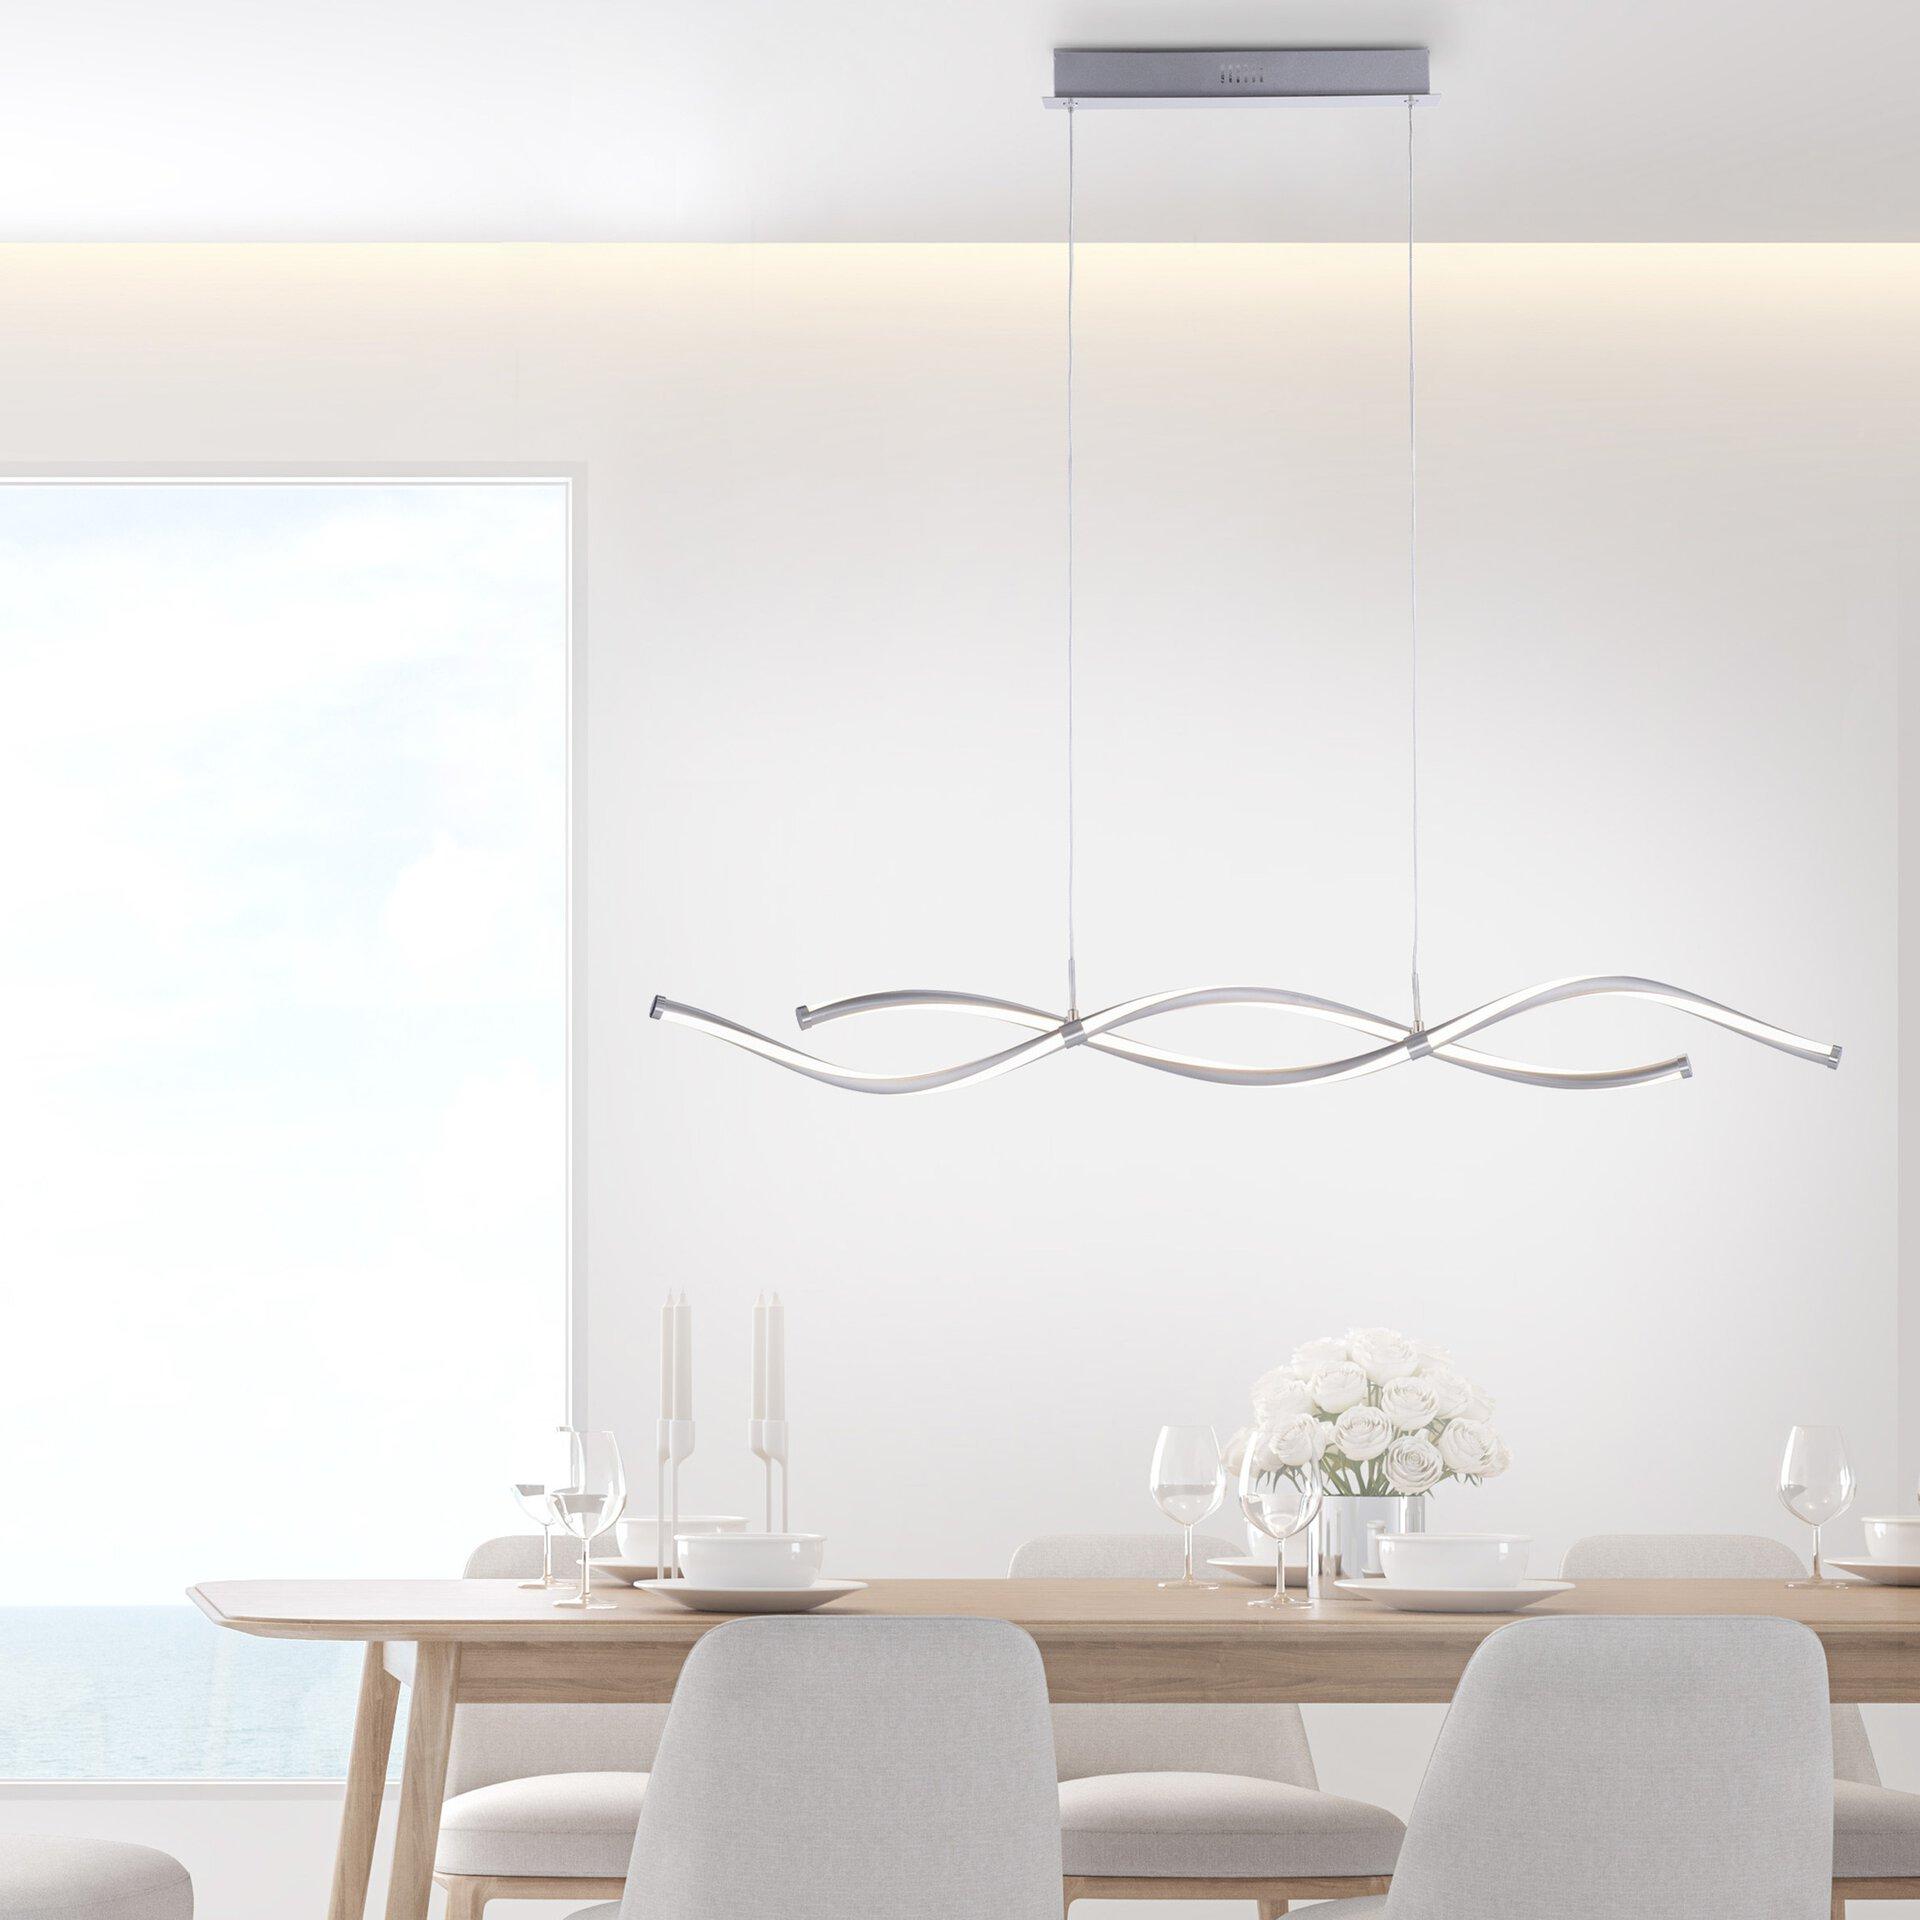 Smart-Home-Leuchten Q-MALINA Paul Neuhaus Metall 11 x 120 x 111 cm